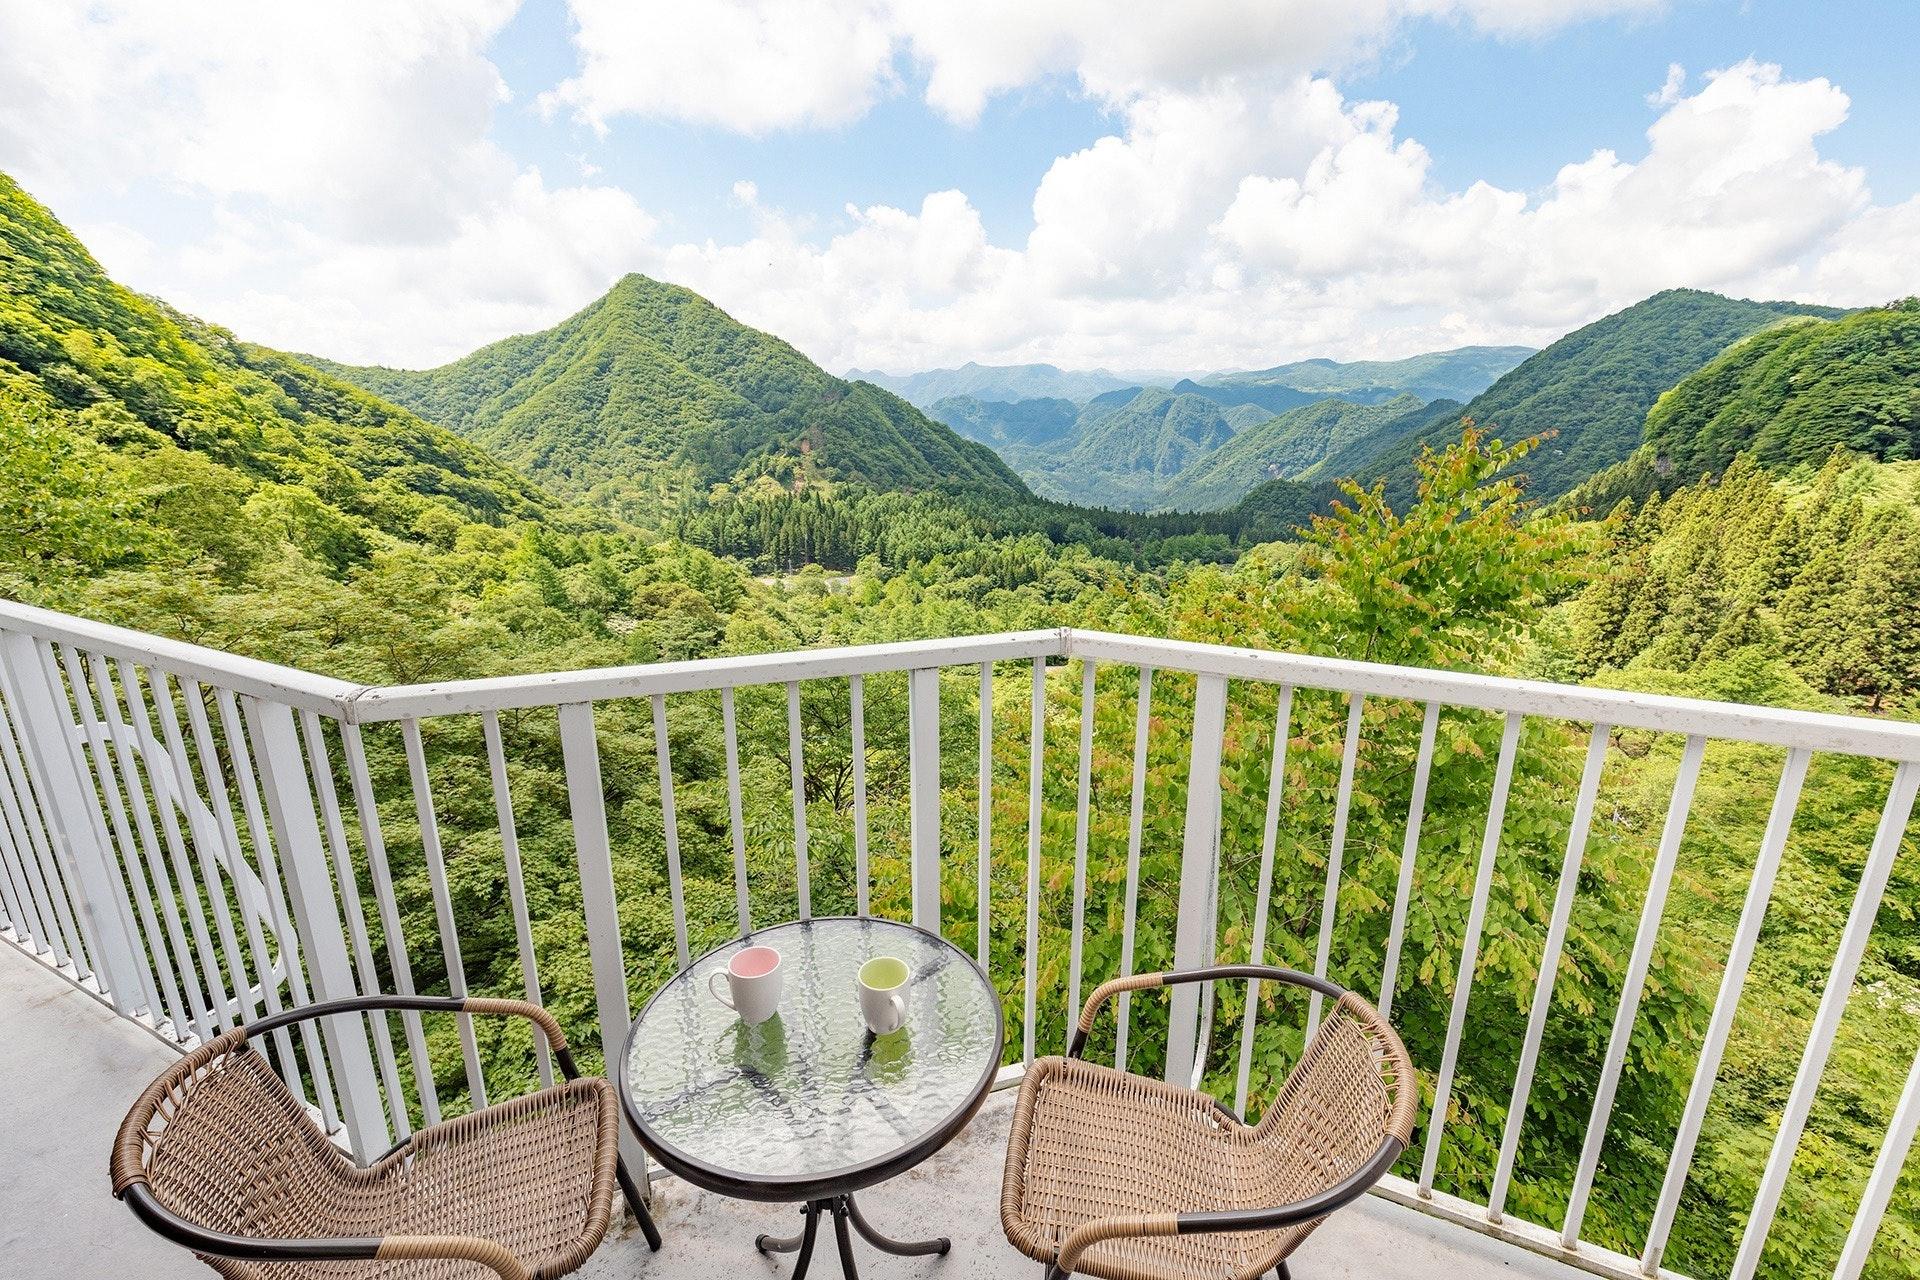 南軽井沢にある森の中の別荘。バルコニーからの圧巻の眺望。軽井沢駅から10分。